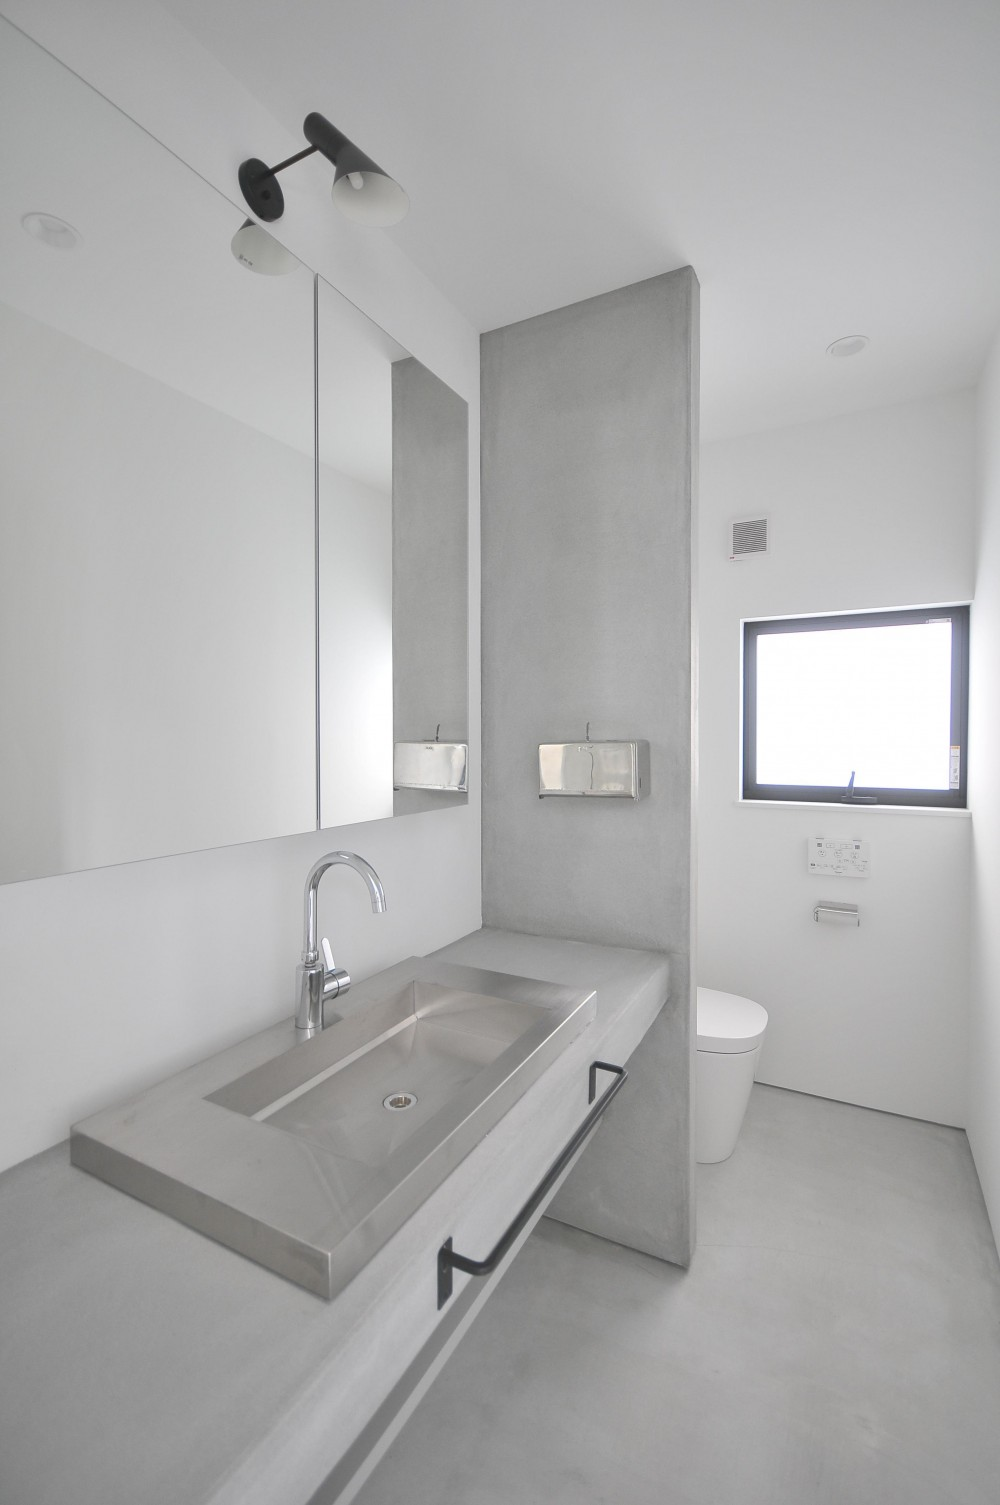 アイアンとモルタルを活かしたスタイリッシュな鎌倉の家 (洗面室)